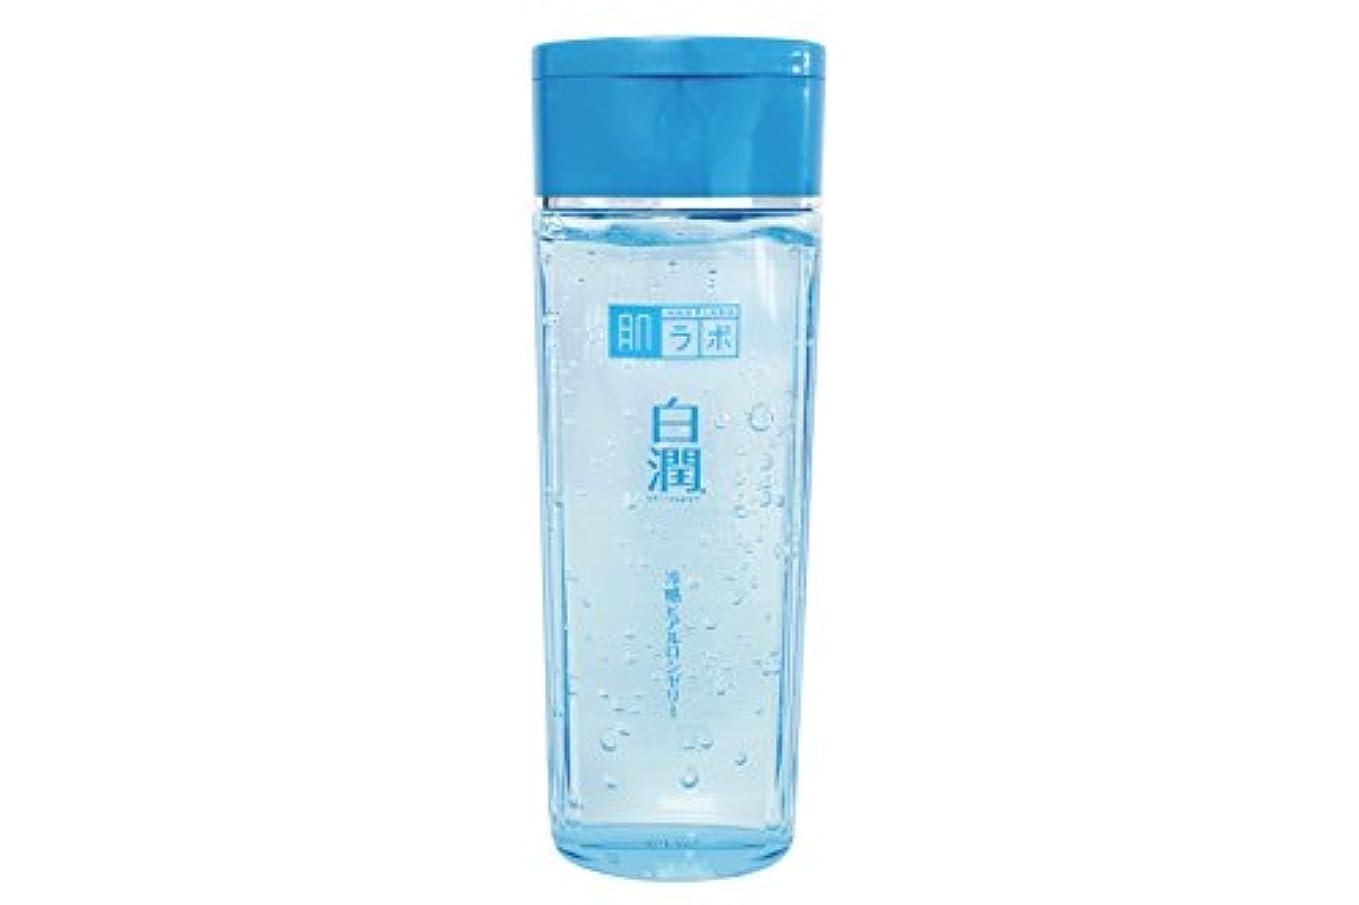 掘る予約リネン肌ラボ 白潤 冷感ヒアルロンゼリー 化粧水?乳液?美容液?収れん?パックの5役 4つの潤い成分配合 200mL